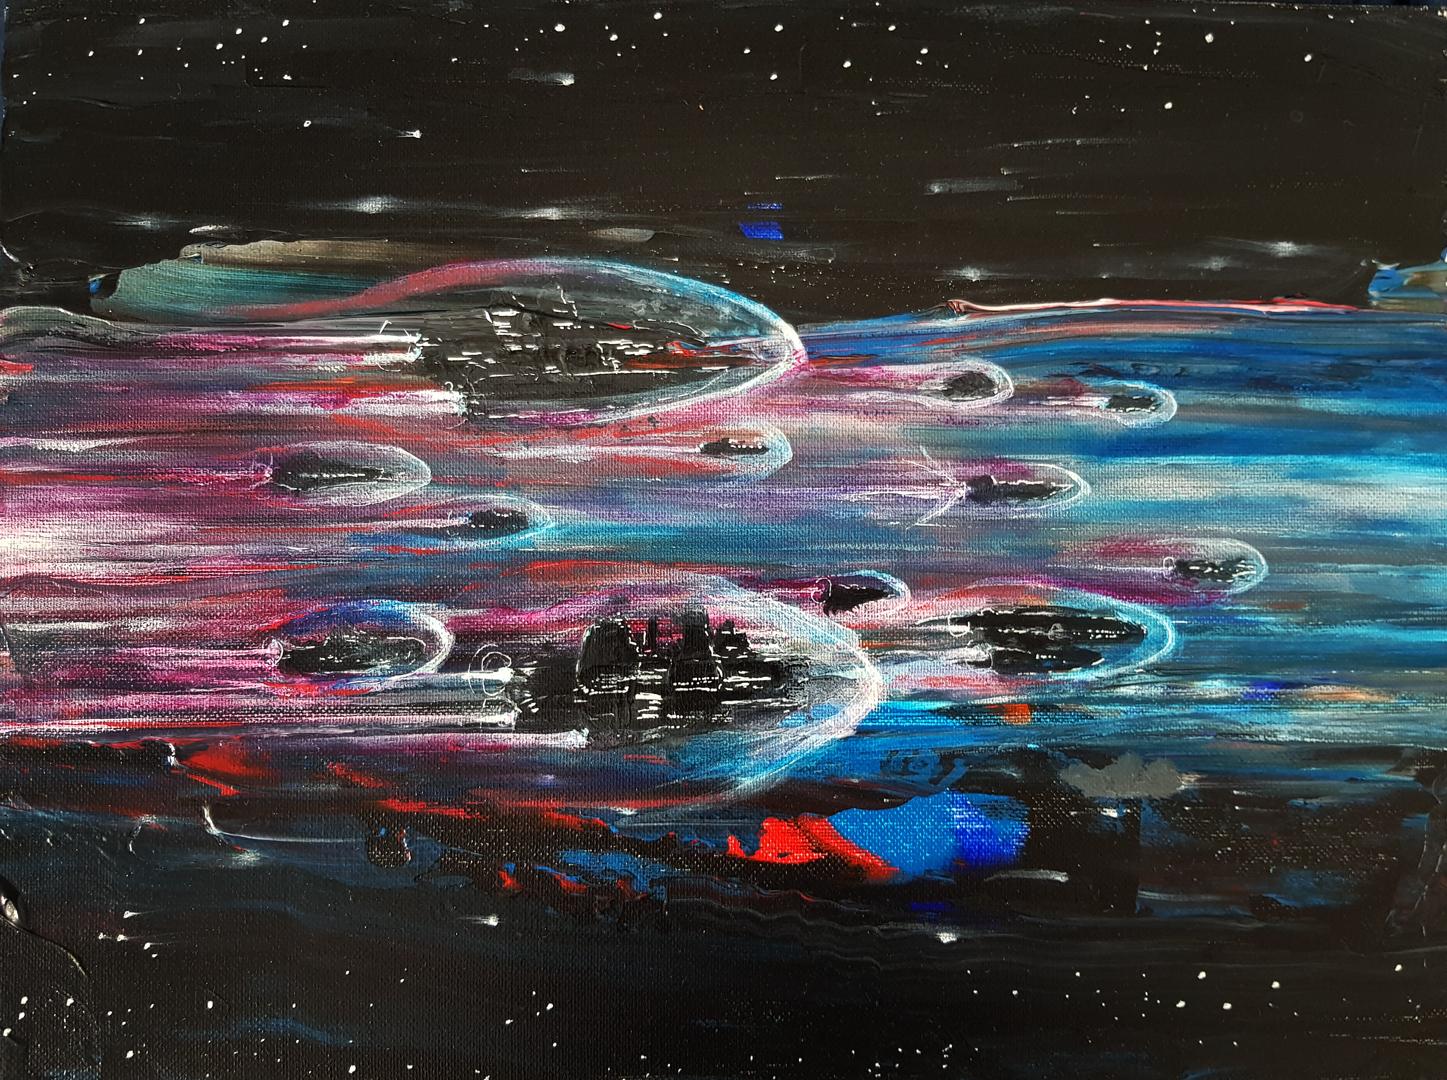 Hyperlight Fleet